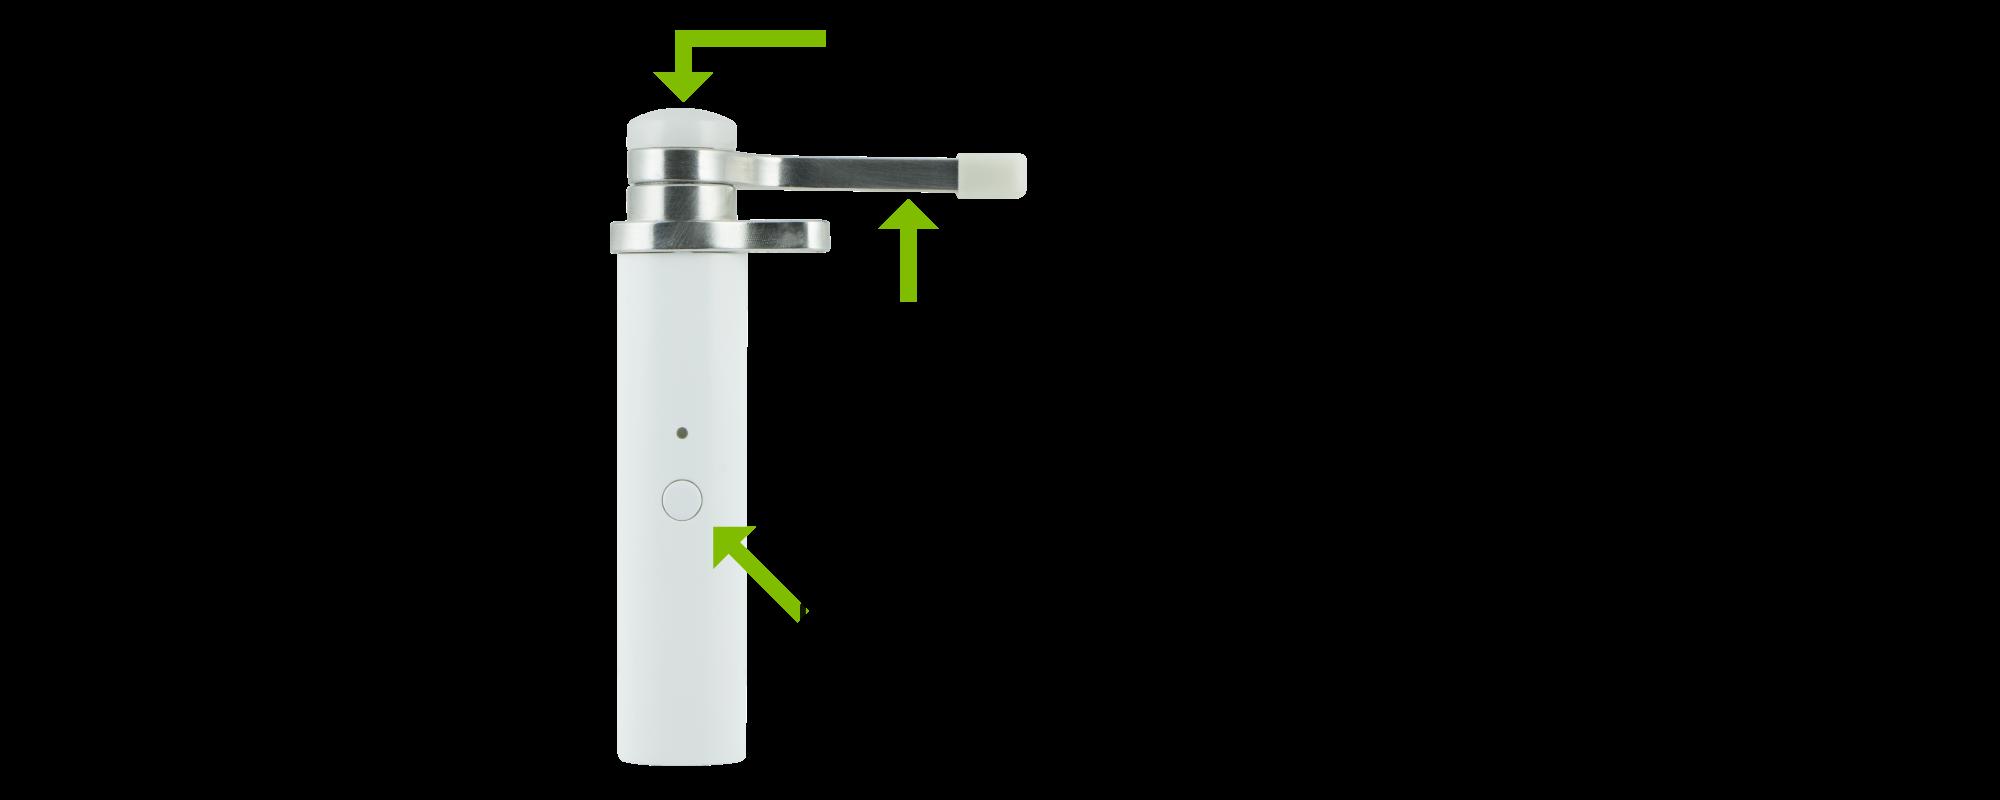 Ge Z Wave Plus Hinge Pin Smart Door Sensor Diagram Hinge Pin Sensor Hinges